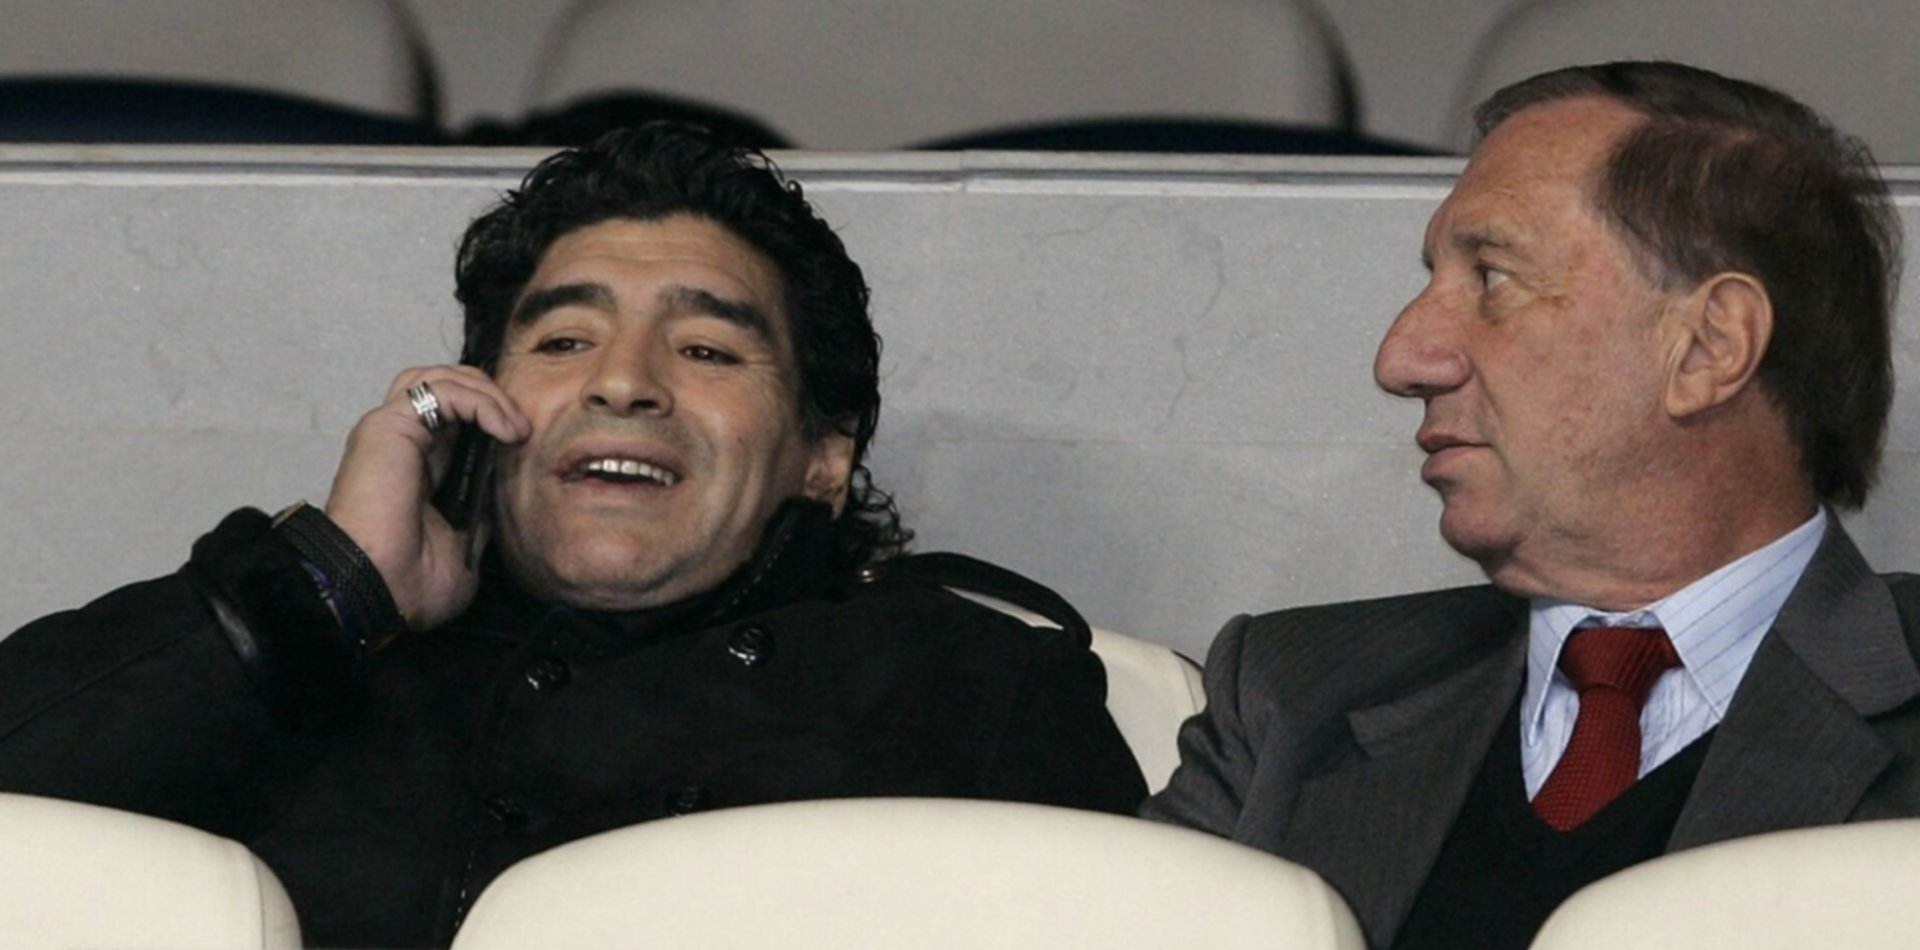 ¿Cómo hacen la familia y los enfermeros para evitar que Bilardo sepa que Maradona murió?